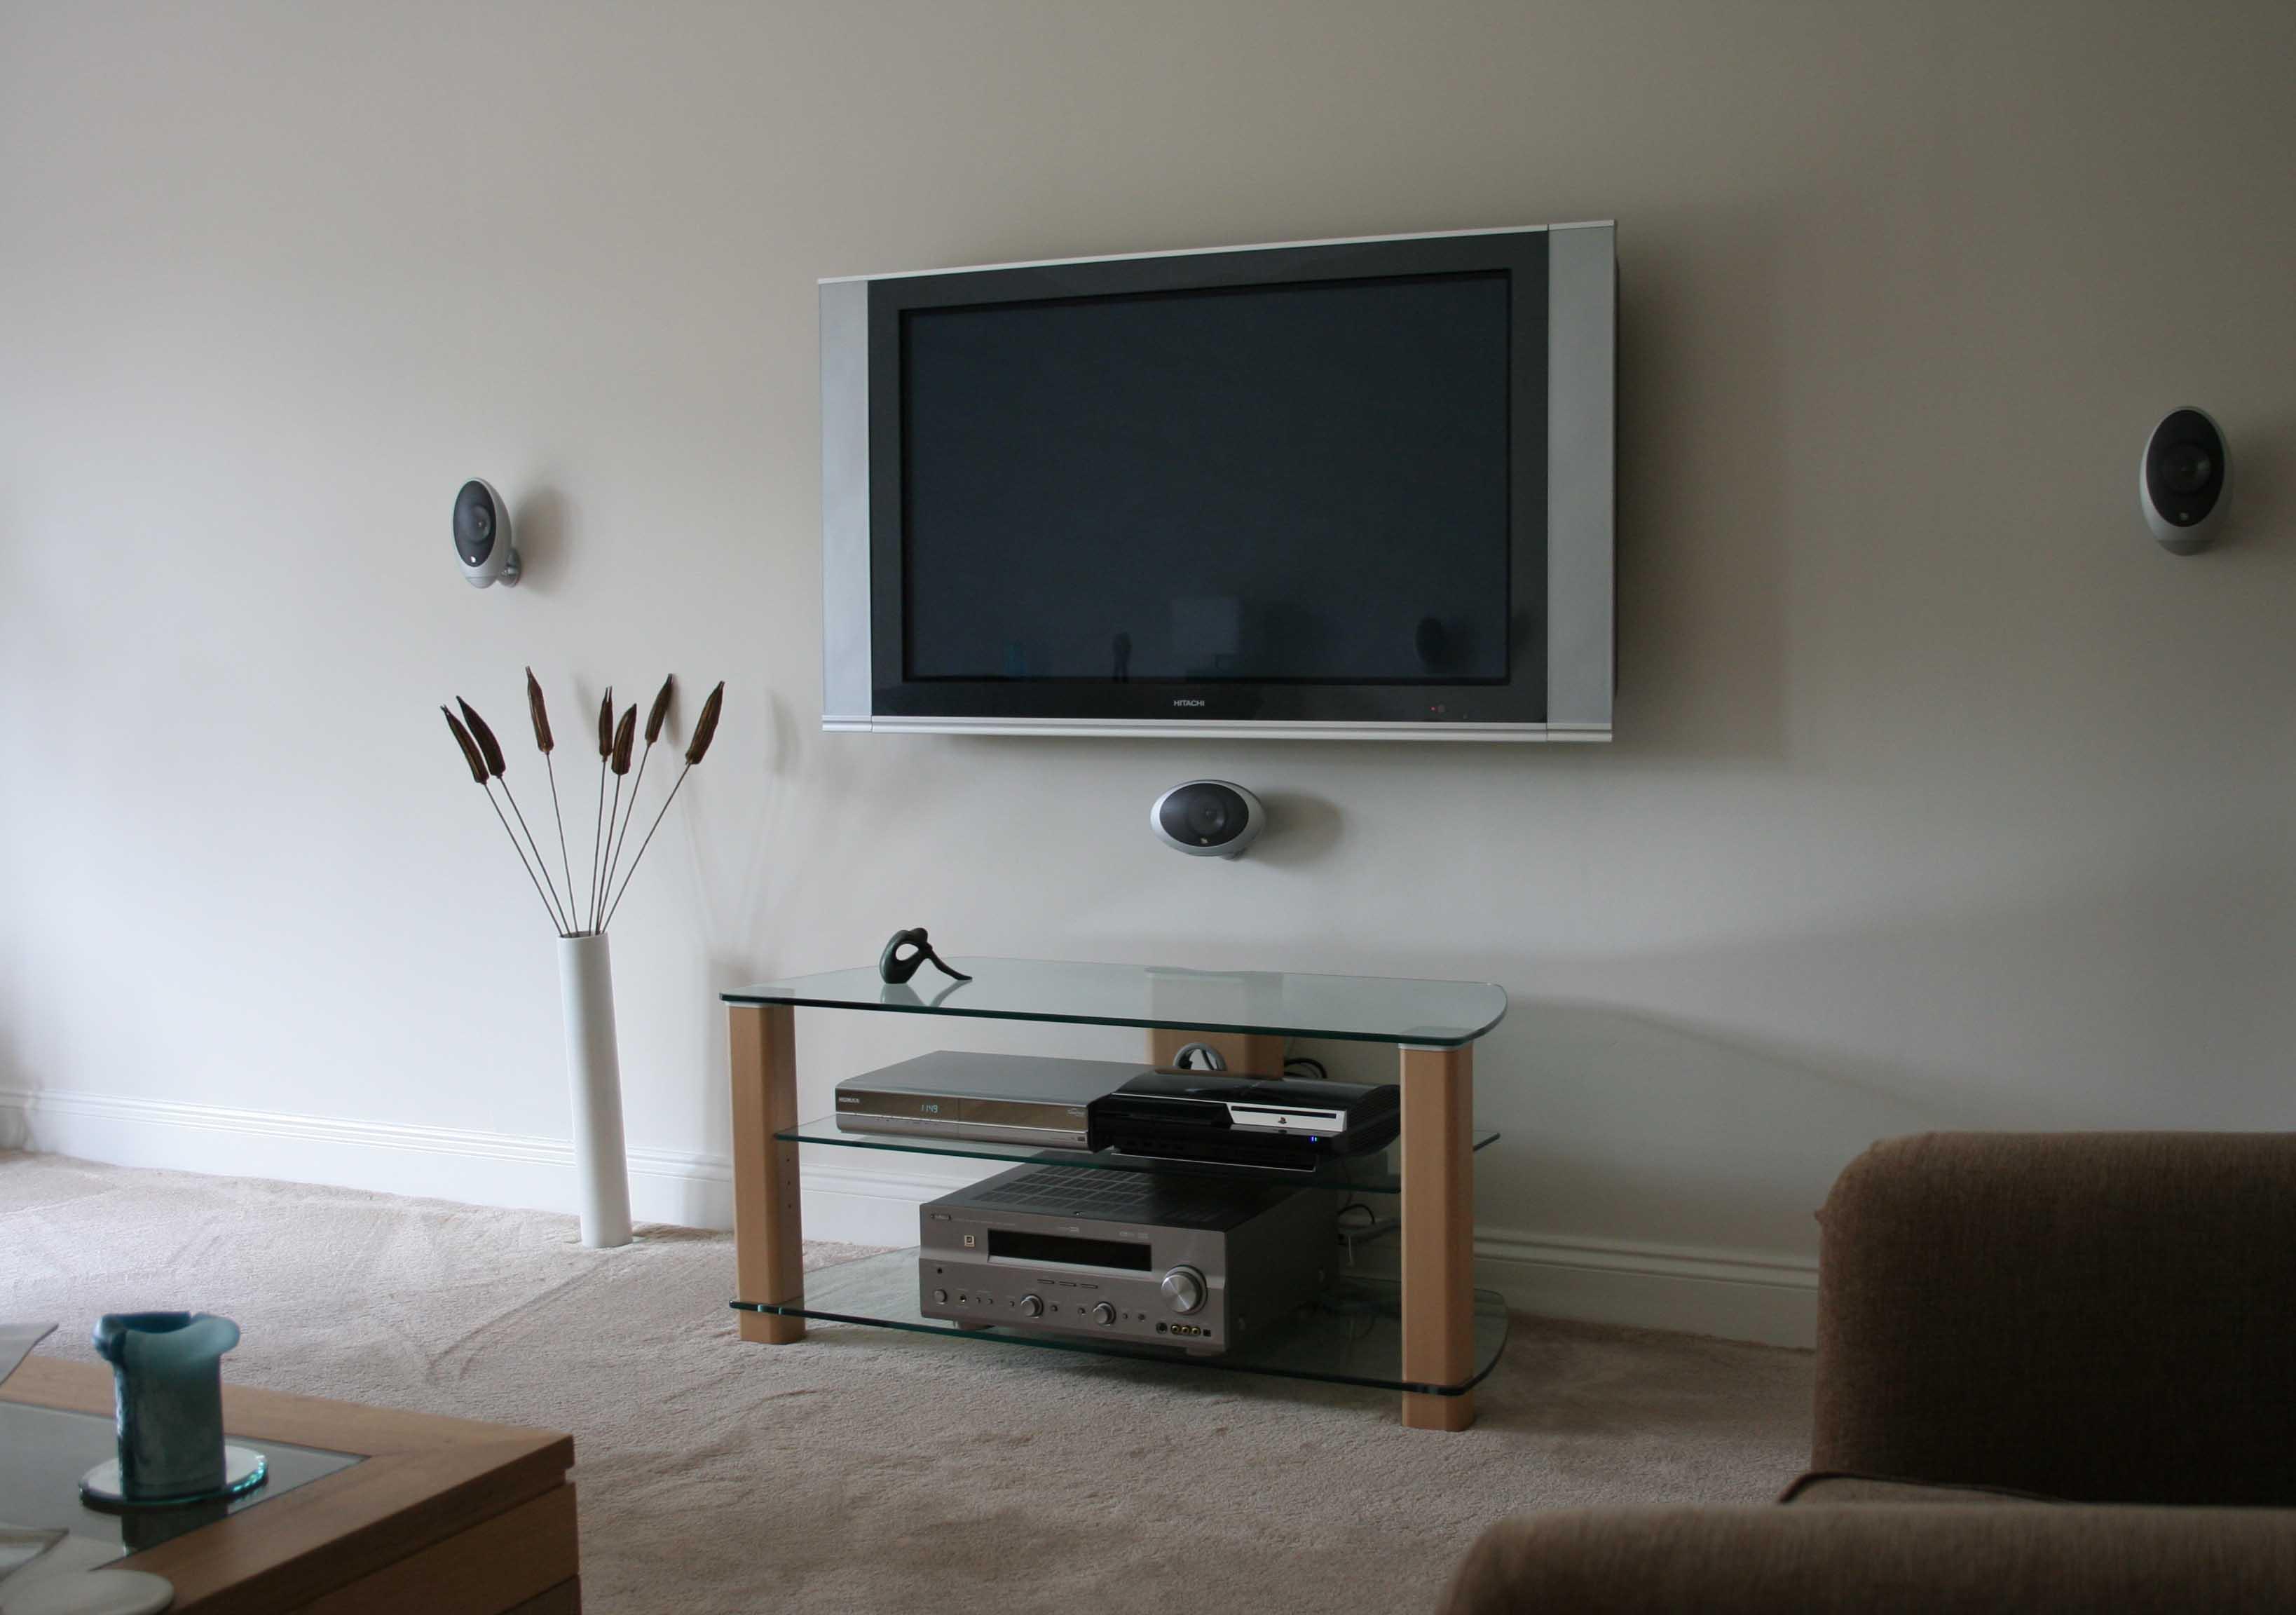 Living Room Ceiling Speakers